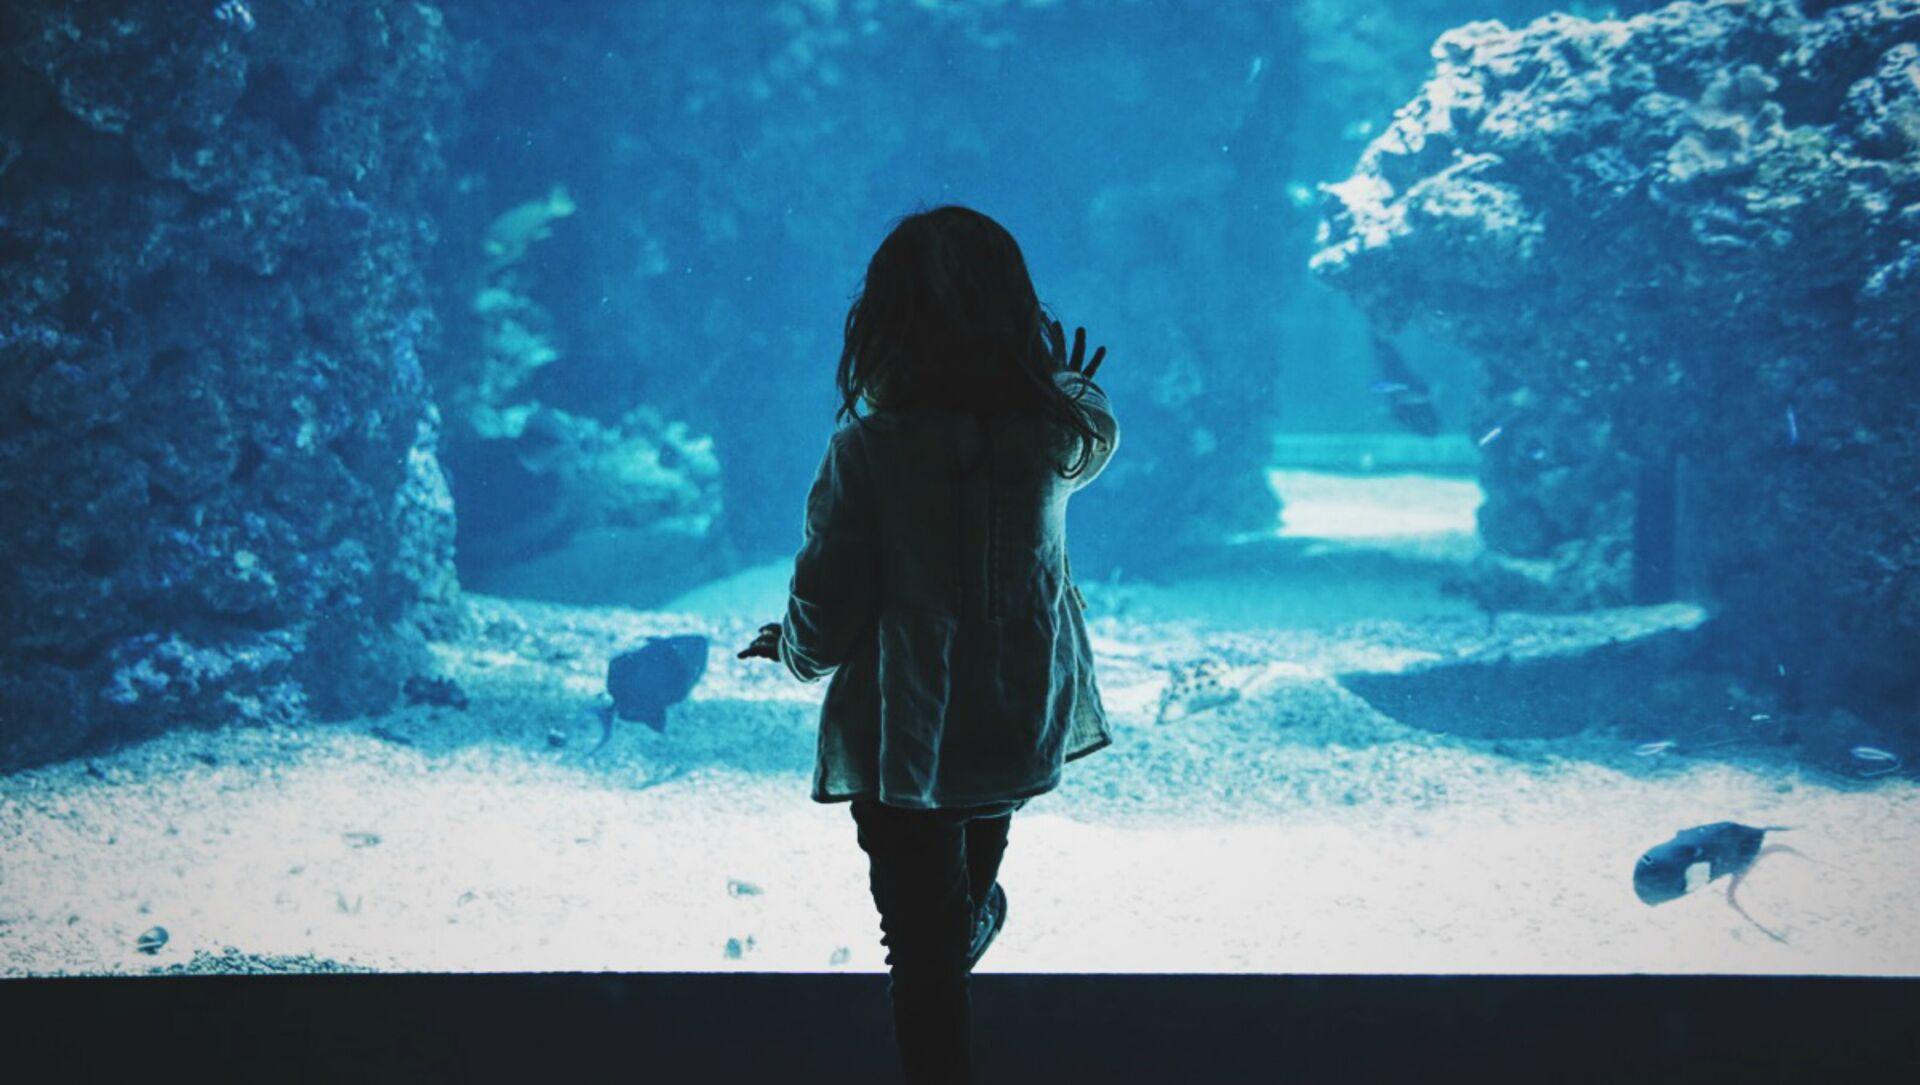 Una niña, imagen referencial - Sputnik Mundo, 1920, 04.02.2021